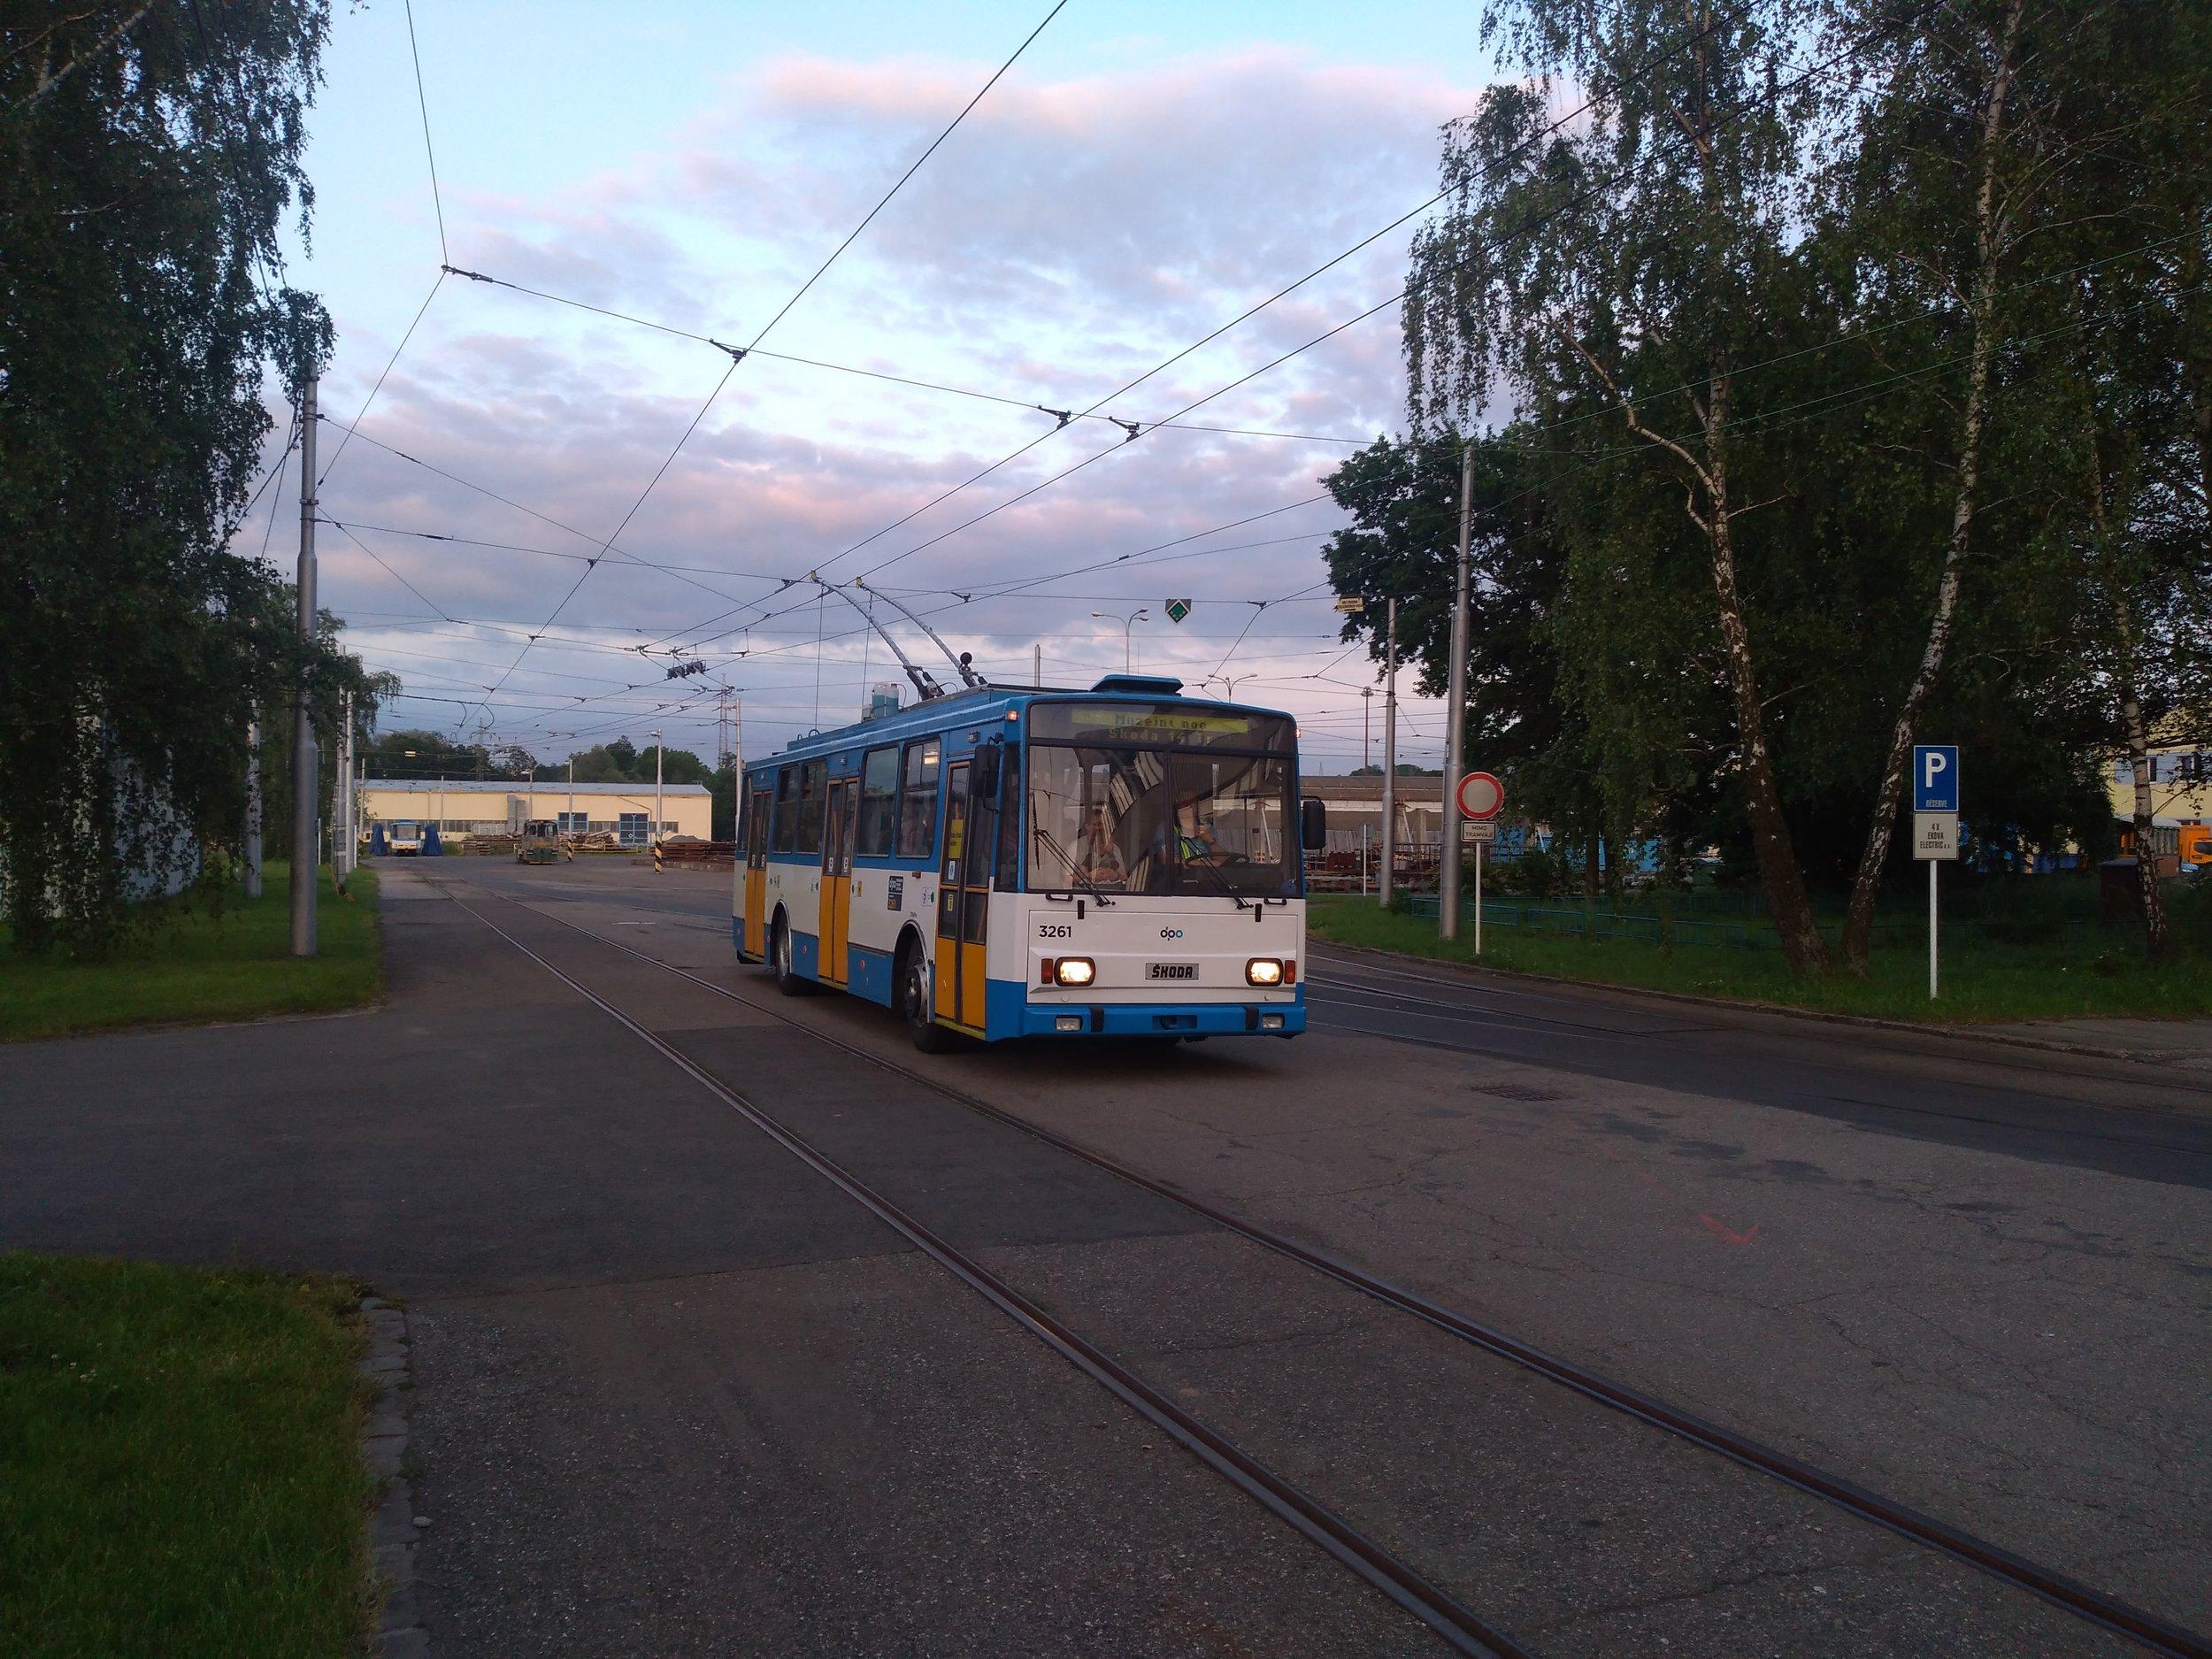 Ještě jednou tentýž trolejbus. (foto: Vít Hinčica)